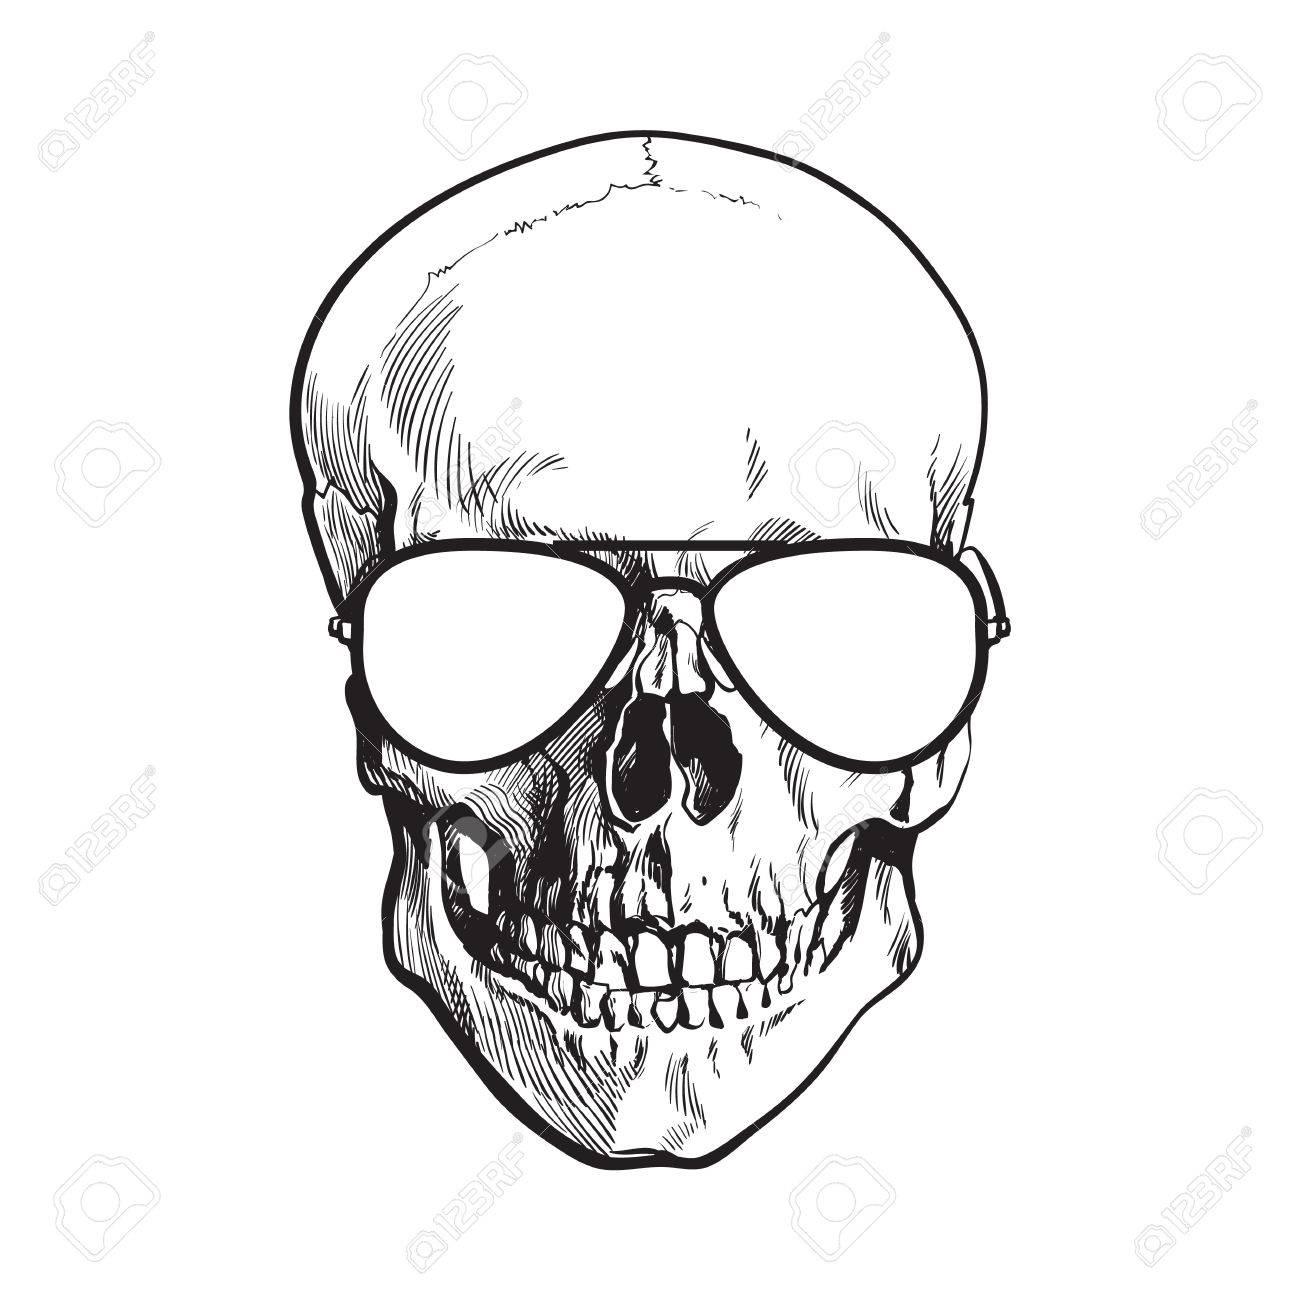 1300x1300 Hand Drawn Human Skull Wearing Black And White Aviator Sunglasses